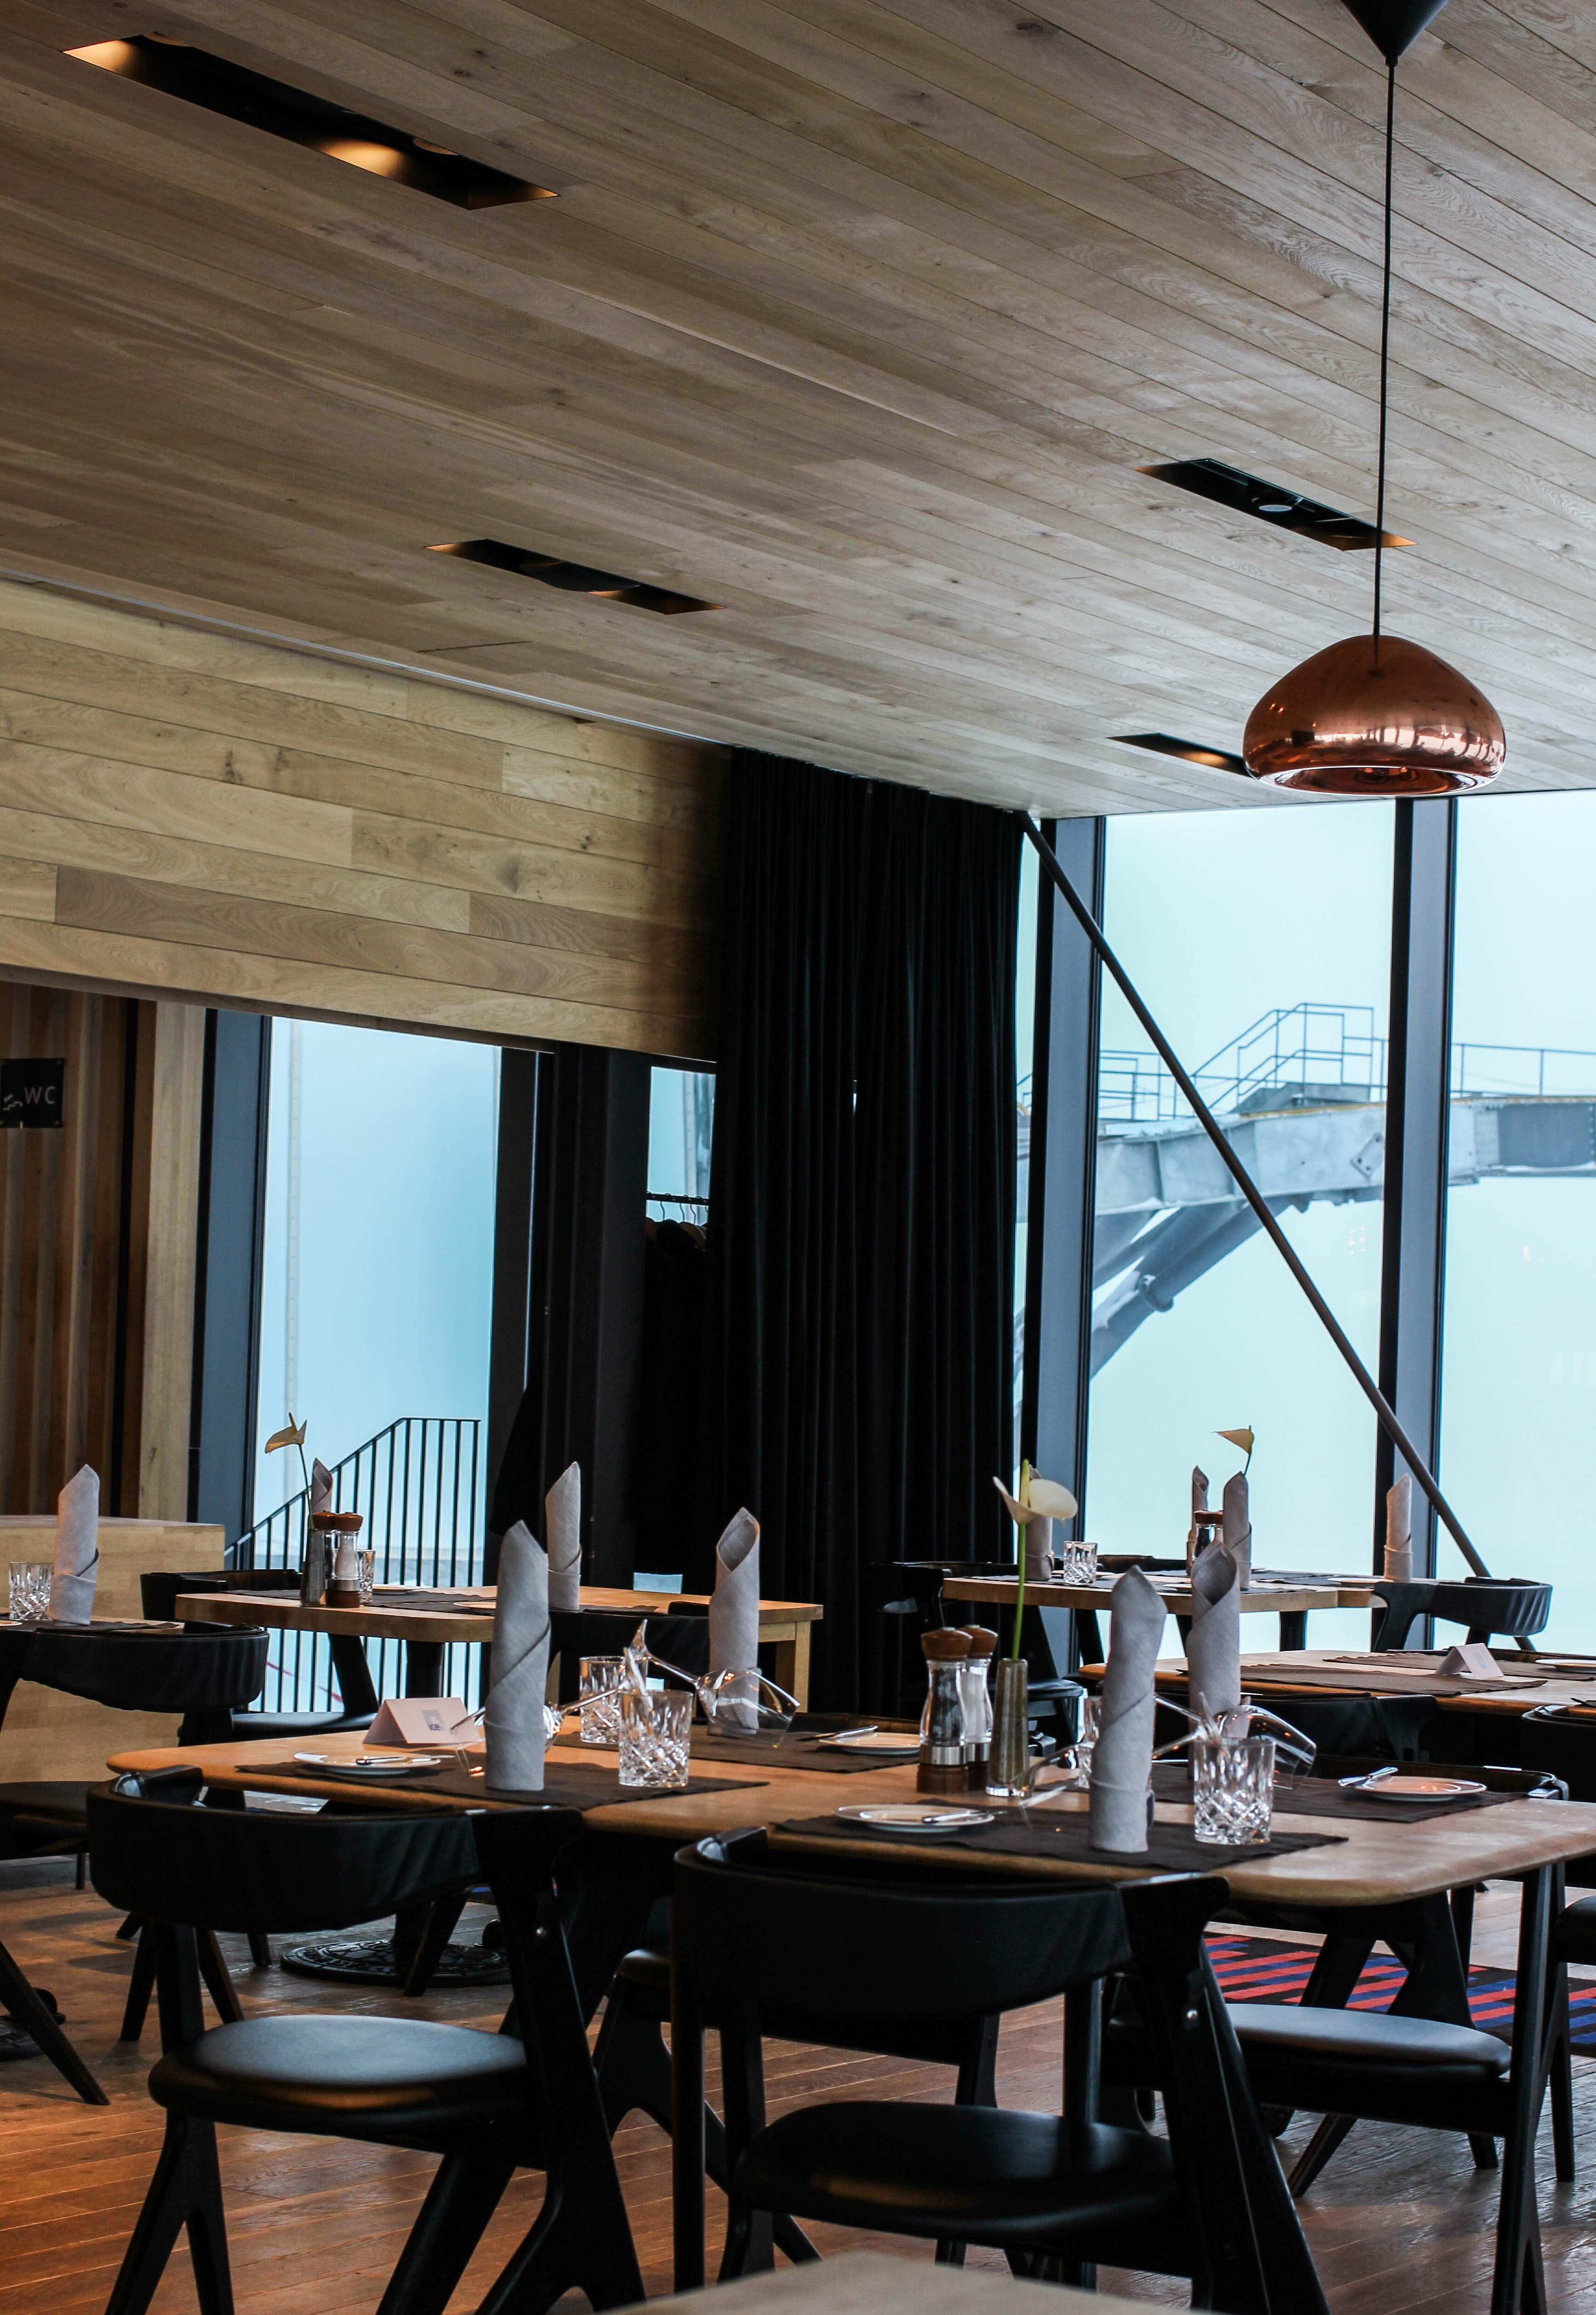 Gourmet-Restaurant Gipfelaussicht Tisch iceQ Sölden Tirol Inneneinrichtung Kupfer James Bond Location Spectre 3000m Gaislachkogl Reiseblog